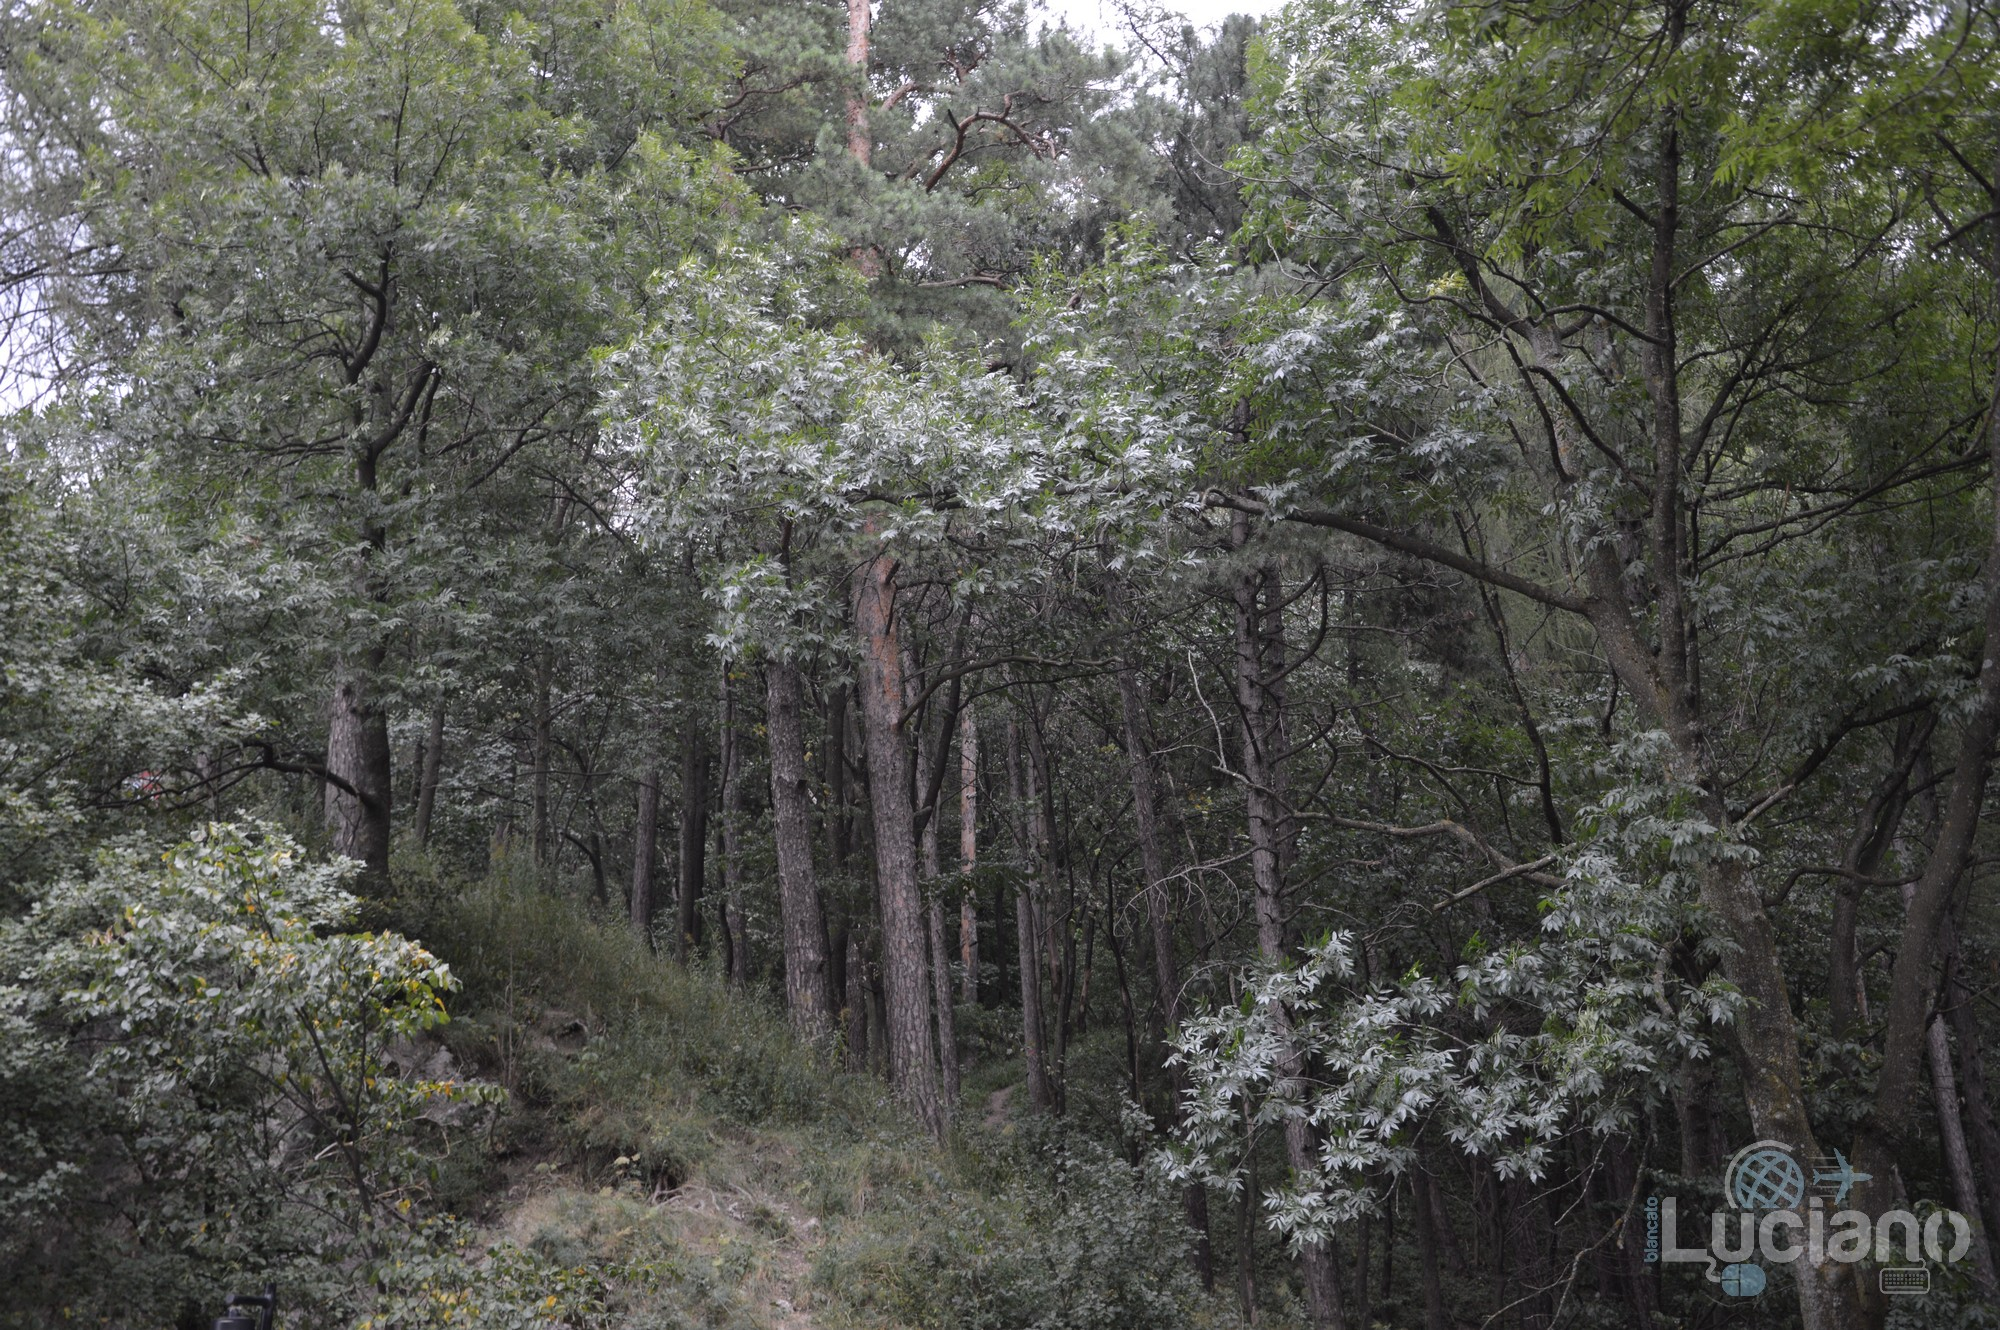 castello-di-dracula-castello-di-bran-luciano-blancato (27)